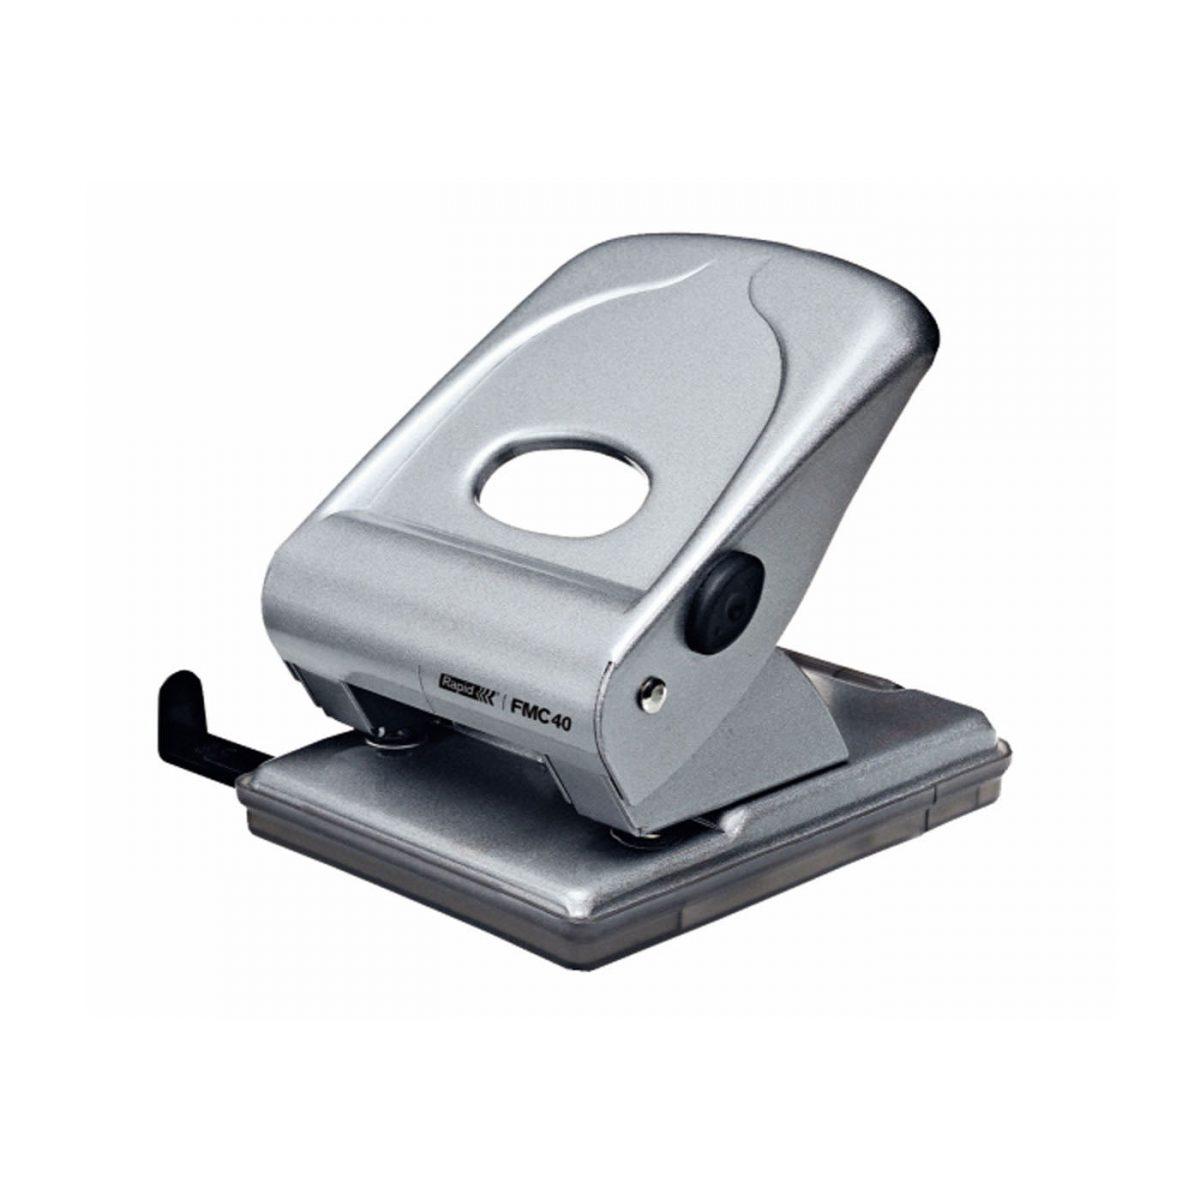 Perforator de birou, 40 coli, metal, Rapid FMC40